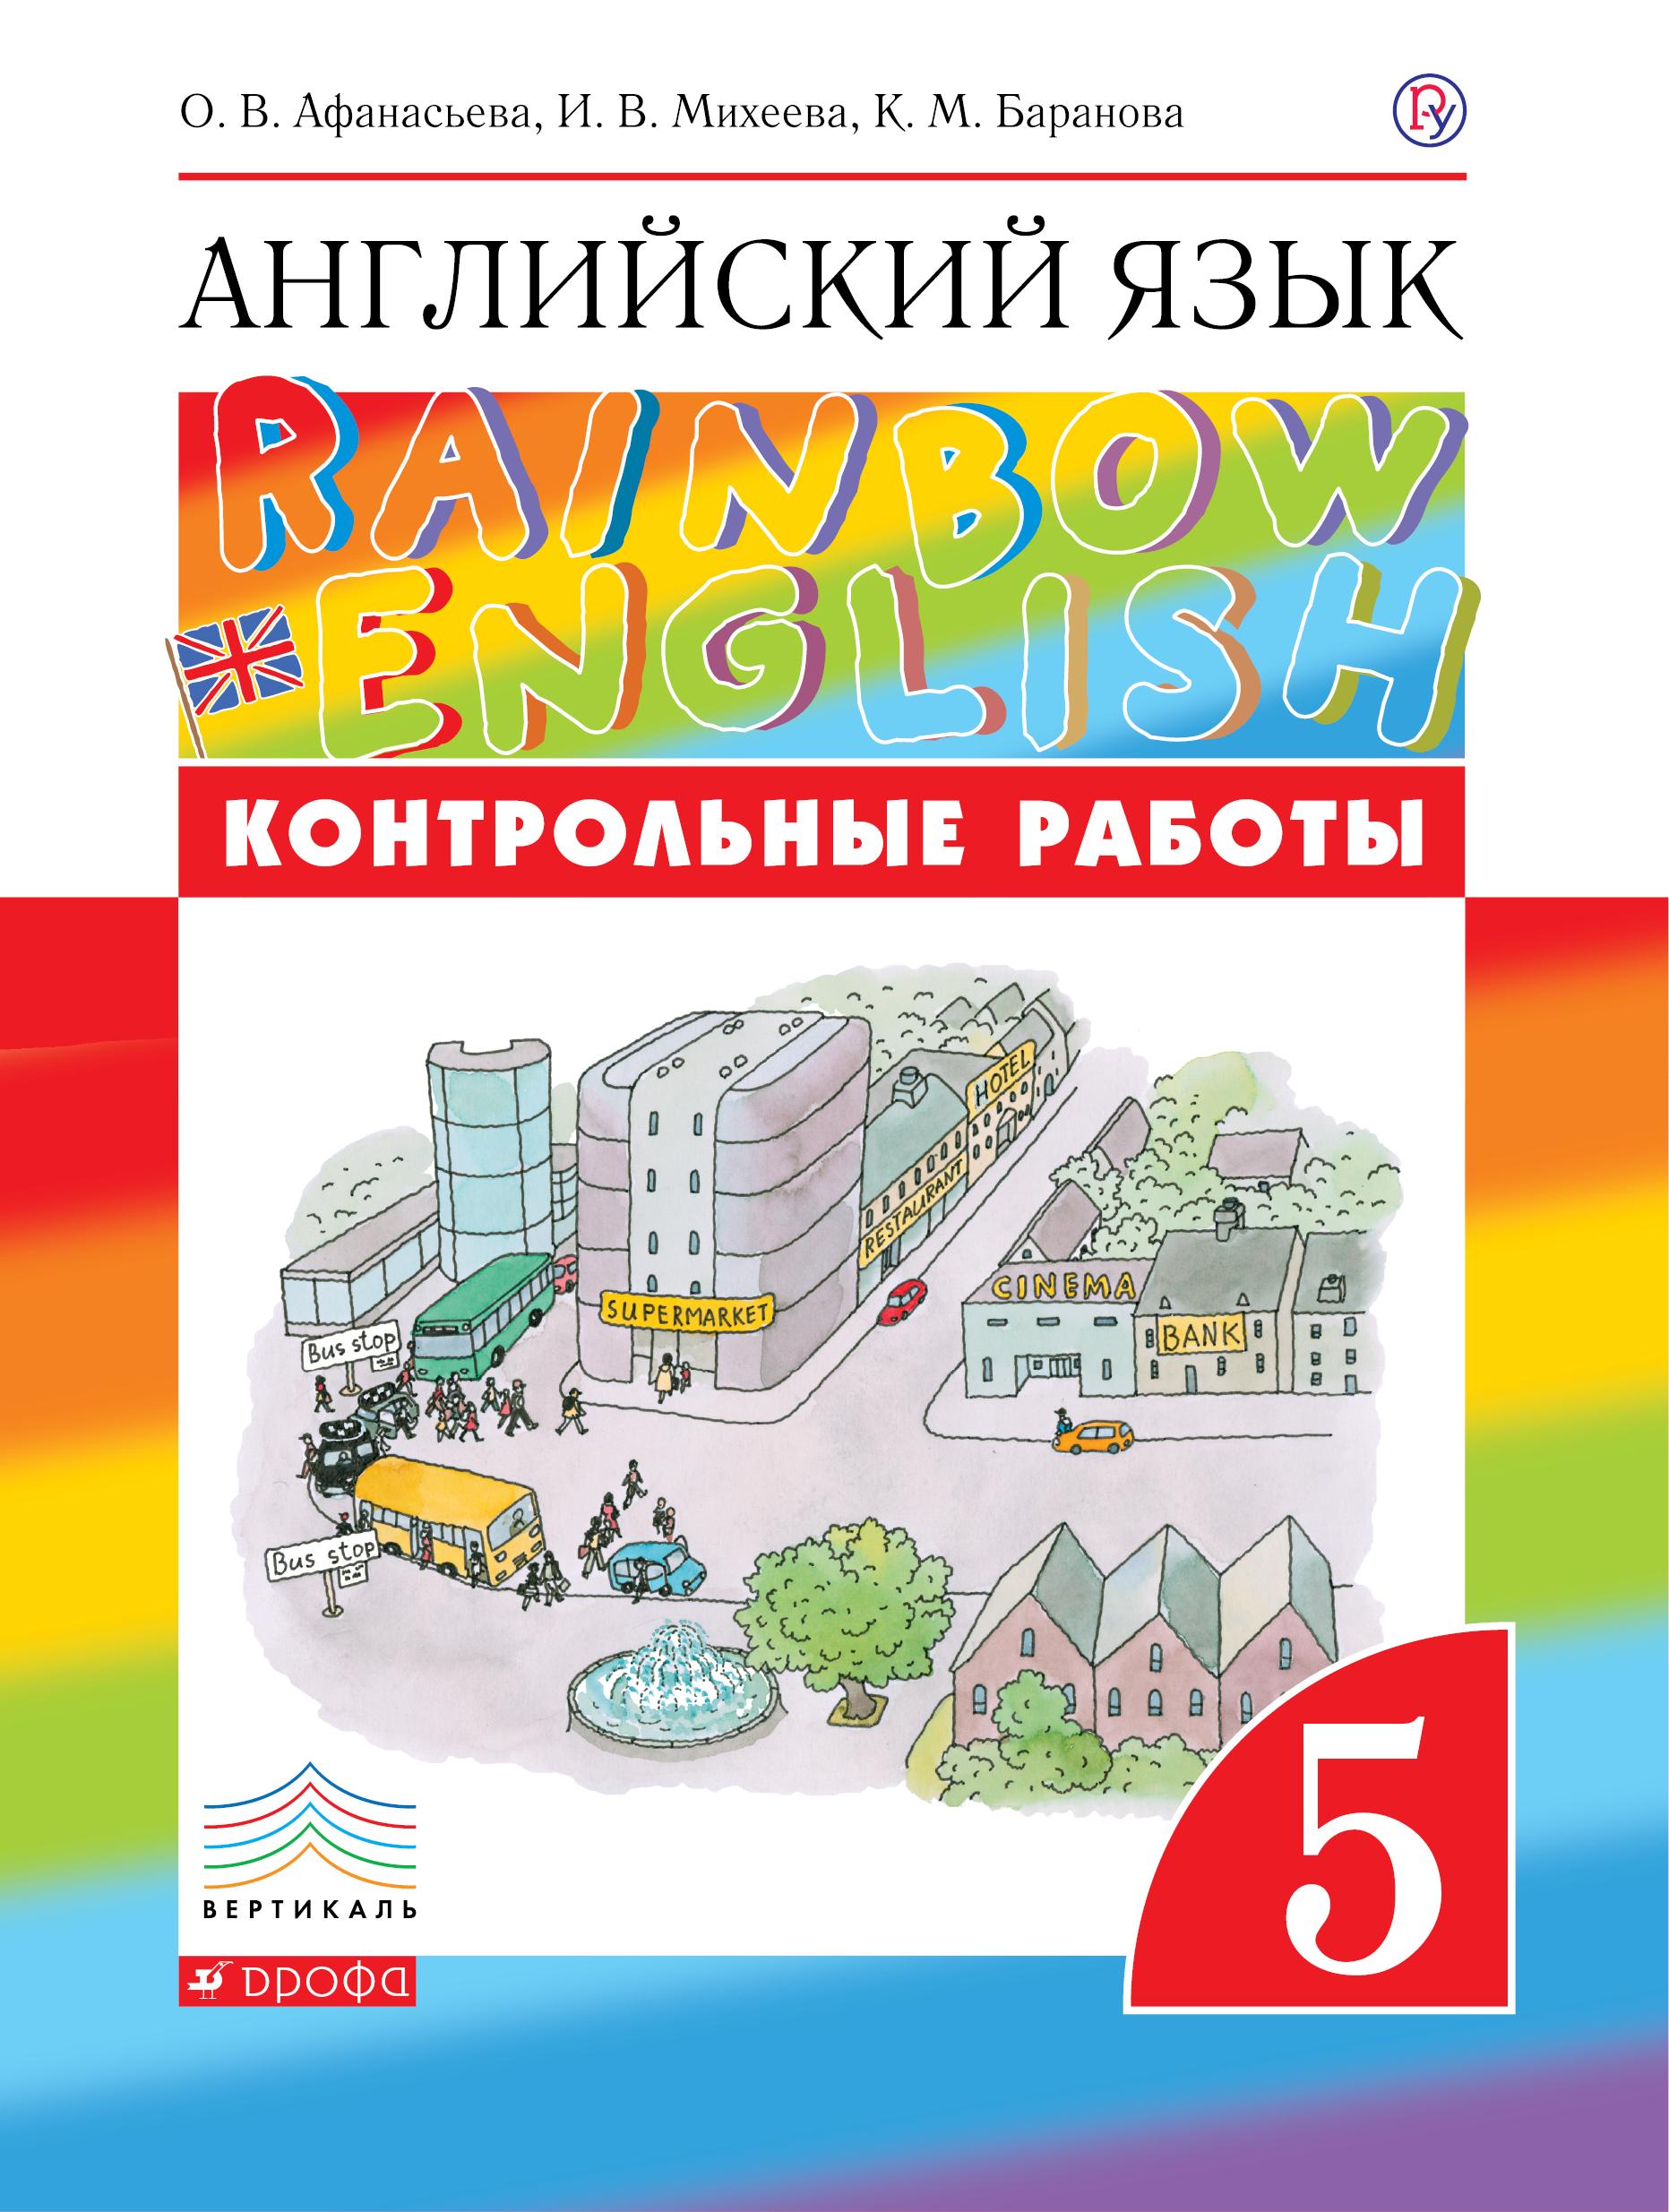 О. В. Афанасьева,И. В. Михеева,К. М. Баранова Английский язык. 5 класс. Контрольные работы